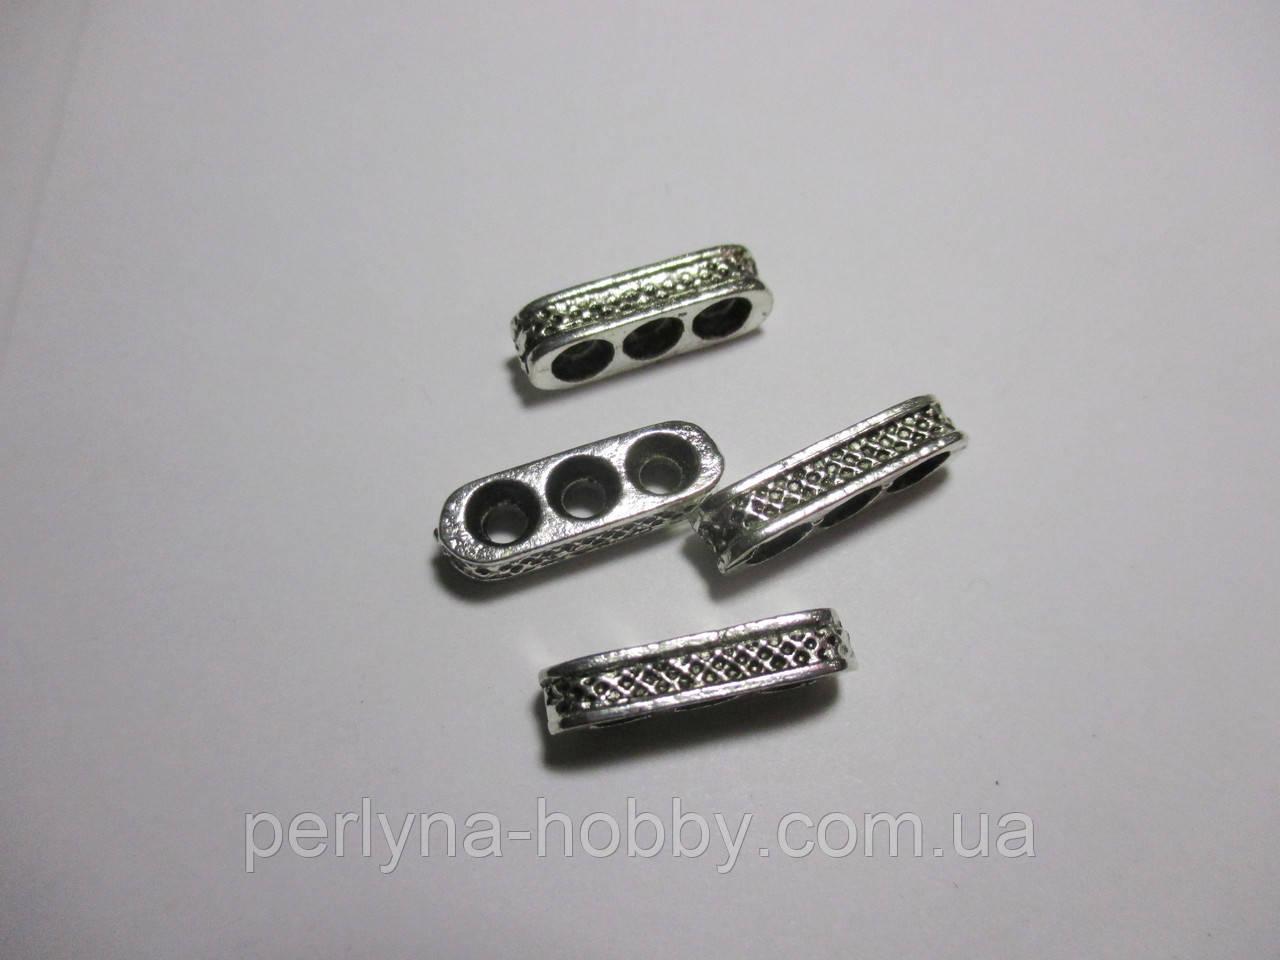 Розділювач 3 отвори, литий метал античне срібло 6 шт